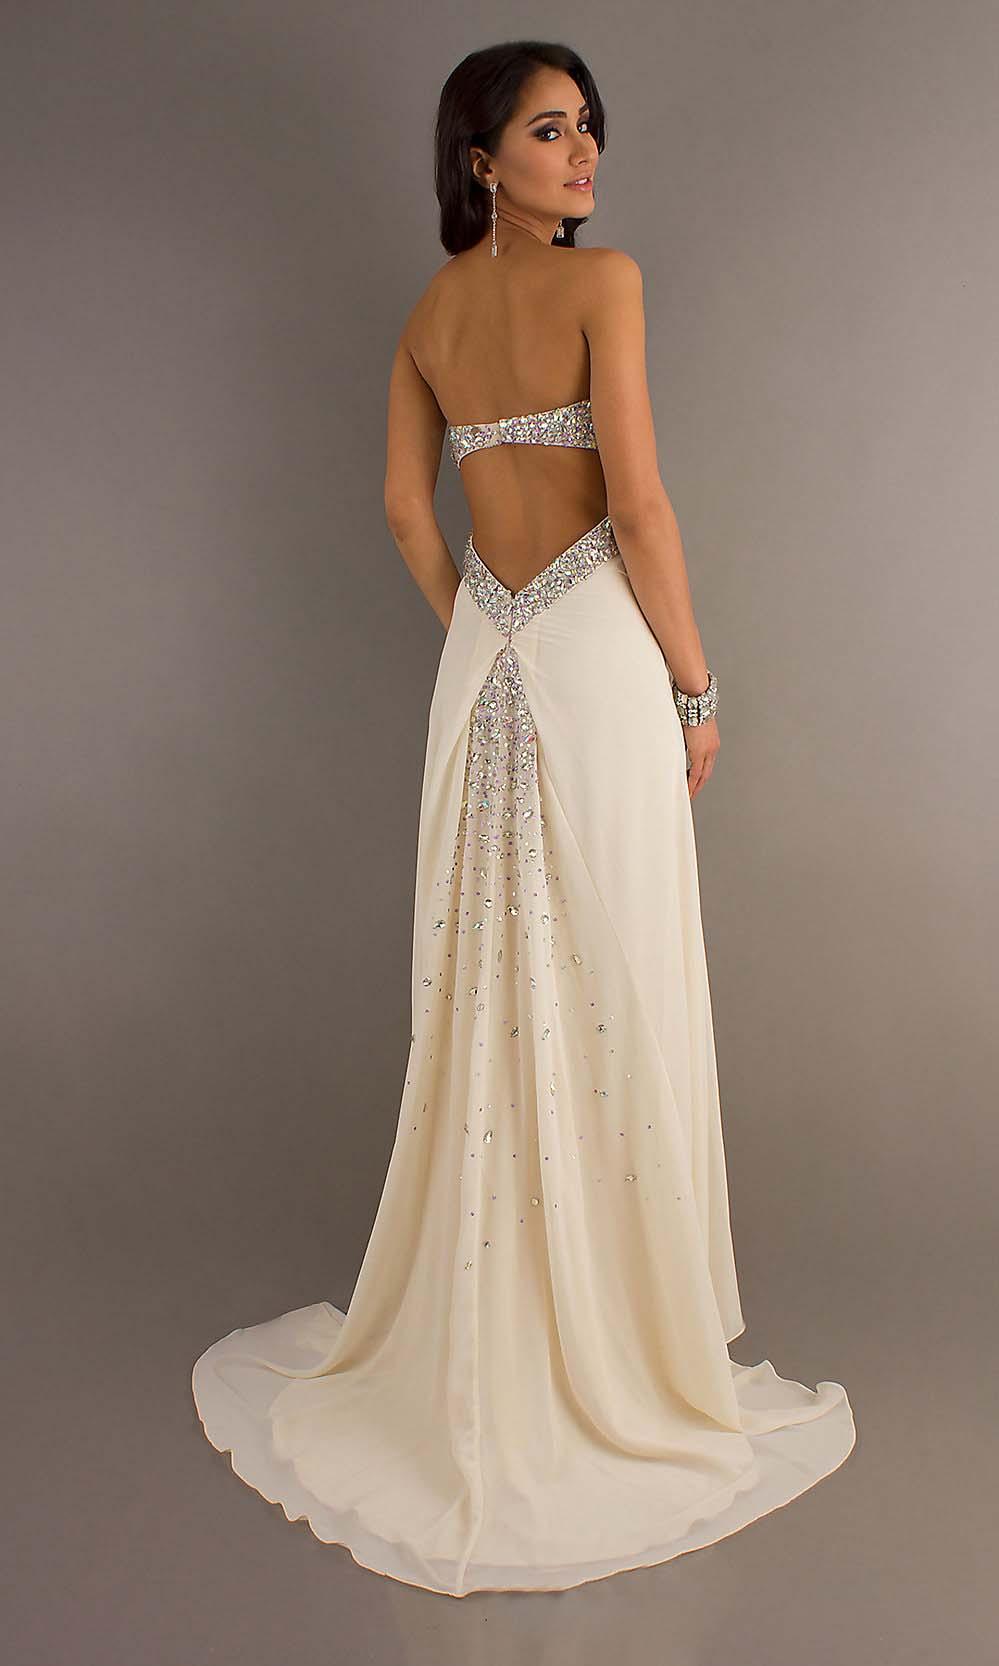 ivory gold wedding dresses photo - 1